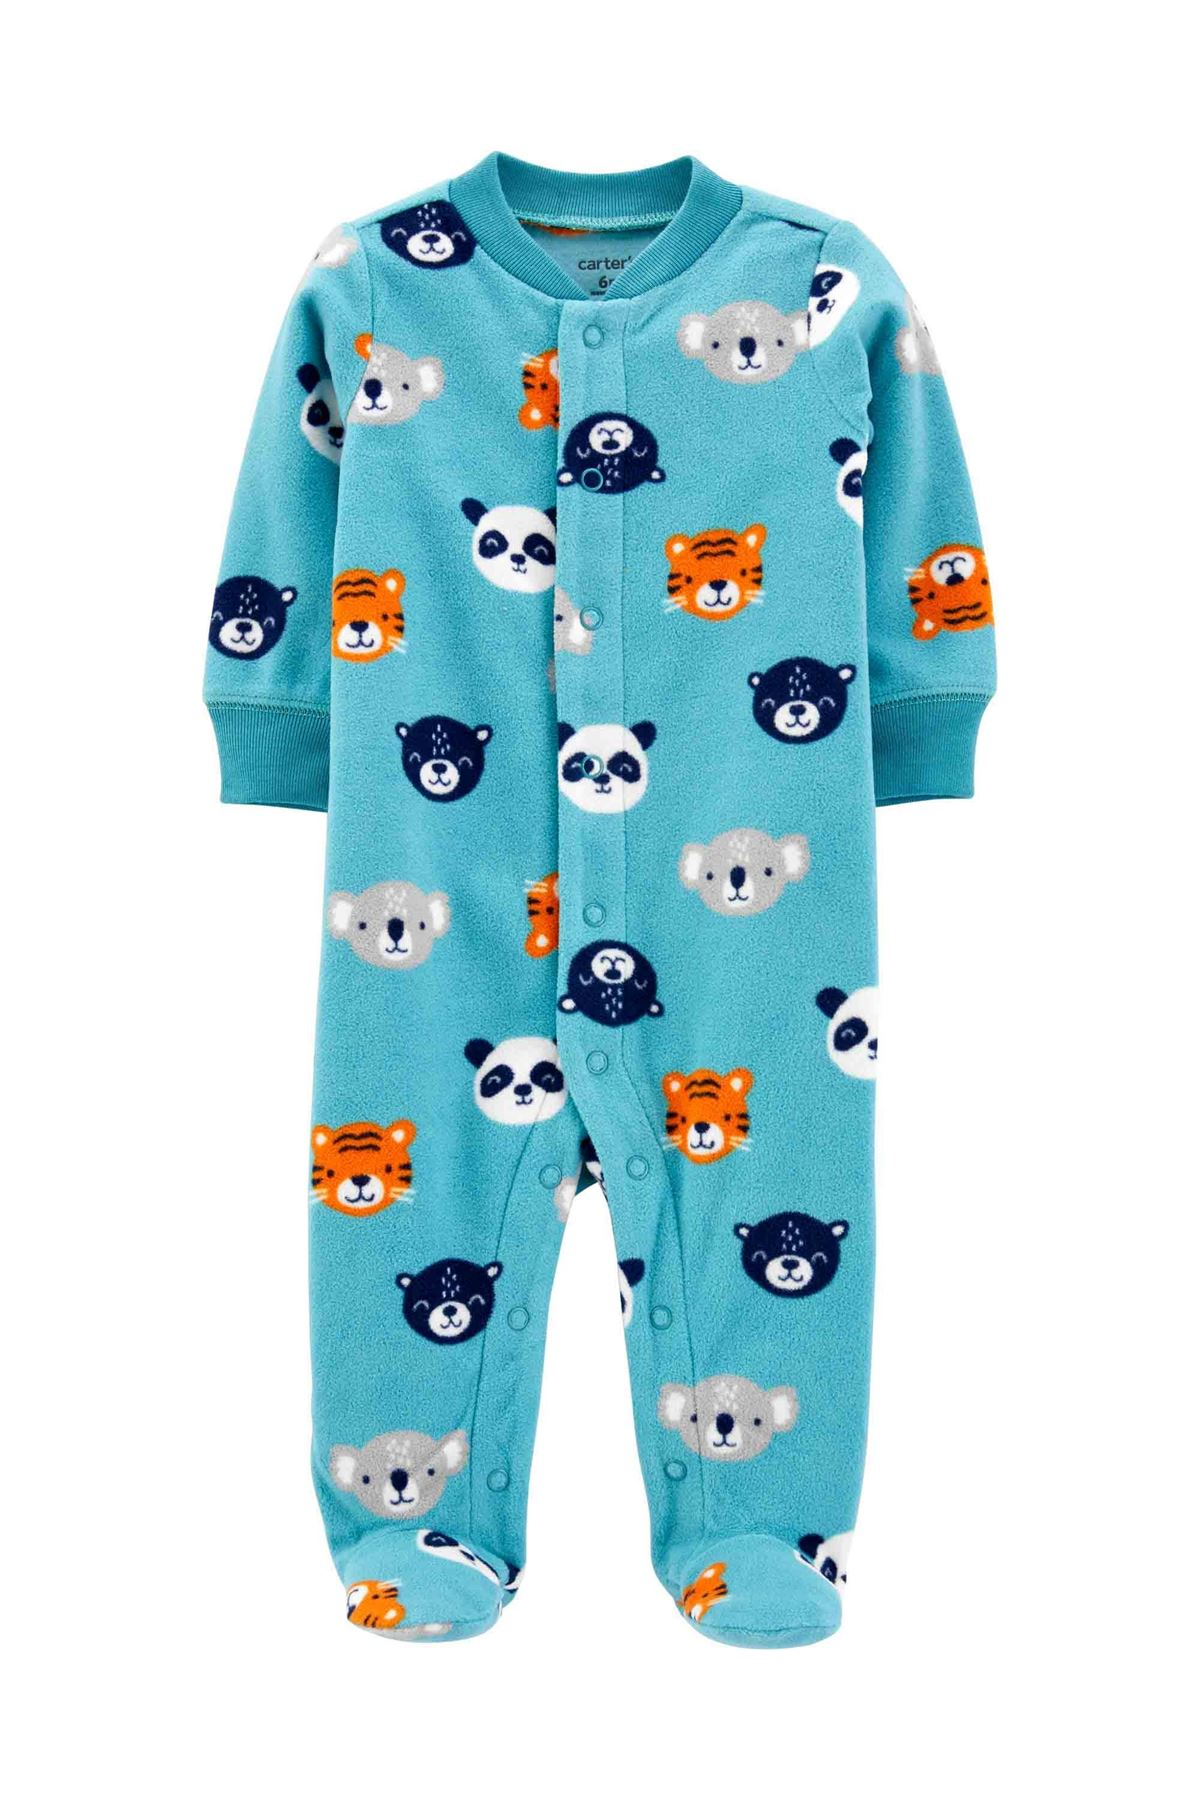 Carter's Erkek Bebek Polar Tulum 1J106910 Blue